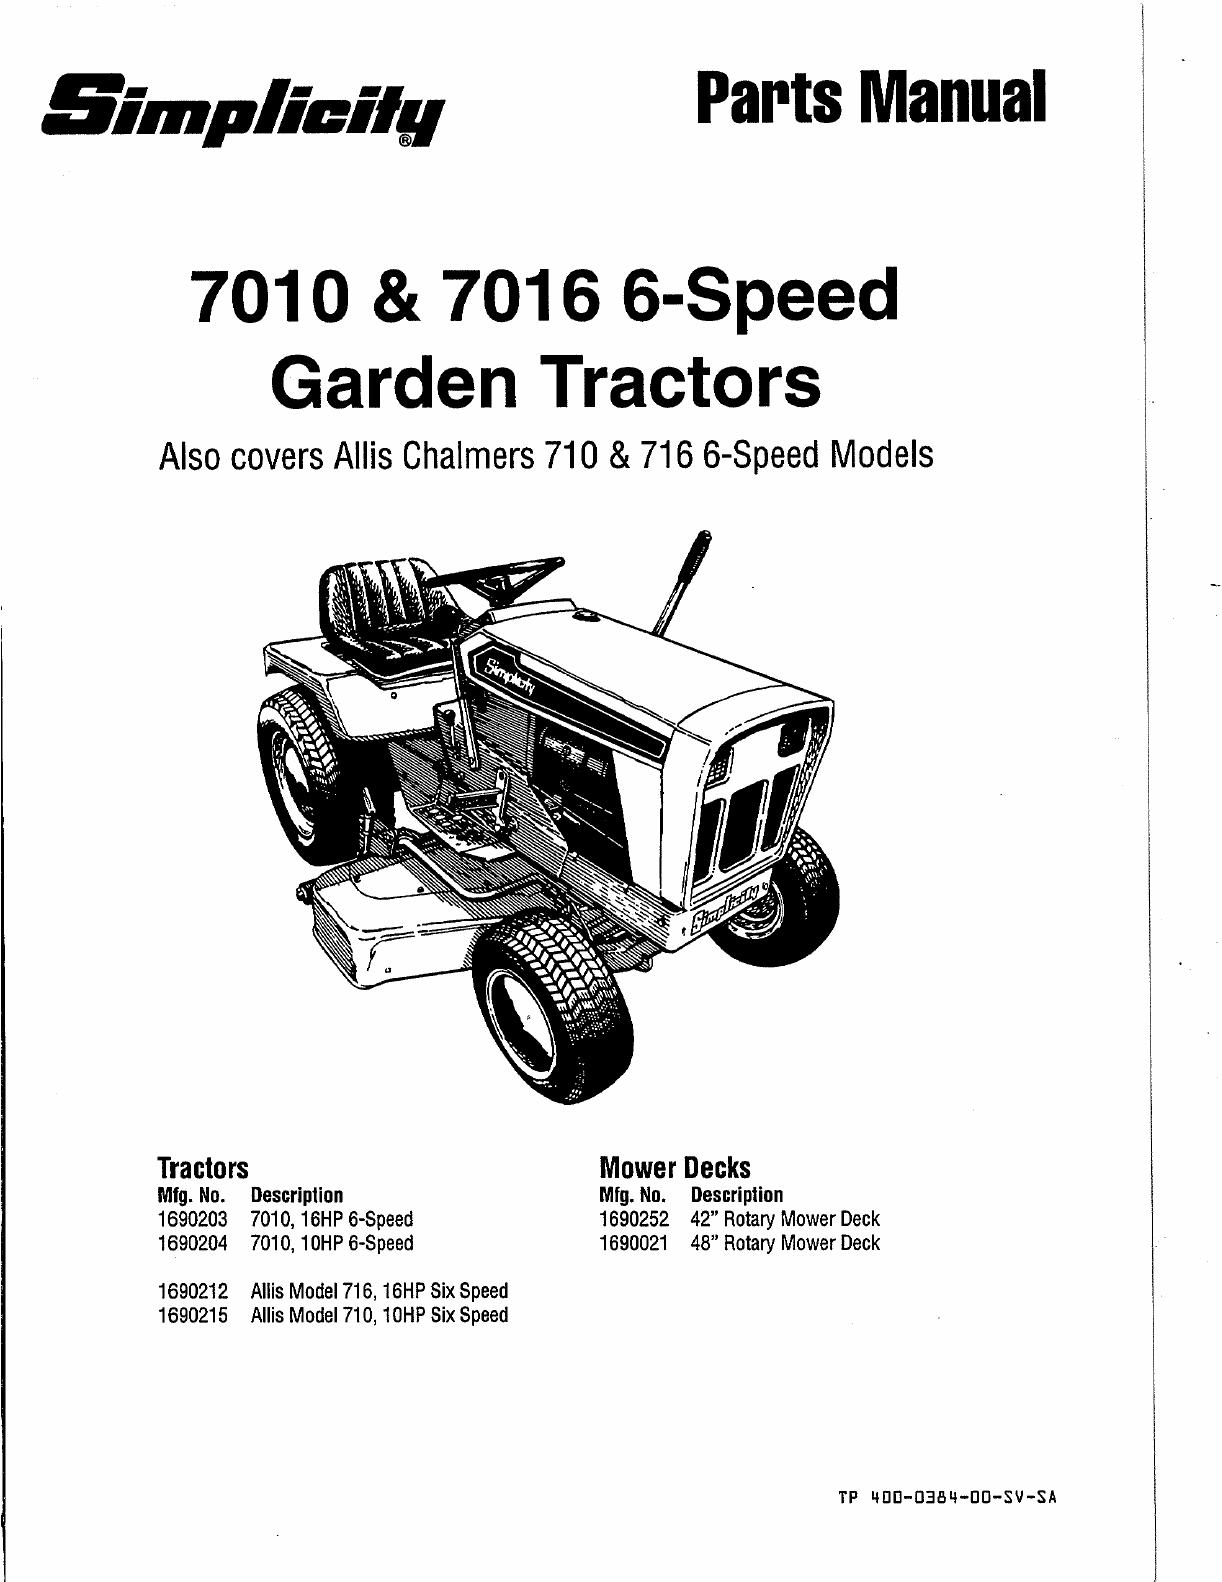 7016 simplicity tractor wiring diagram simplicity tractor wiring diagram 1692593 wiring diagrams